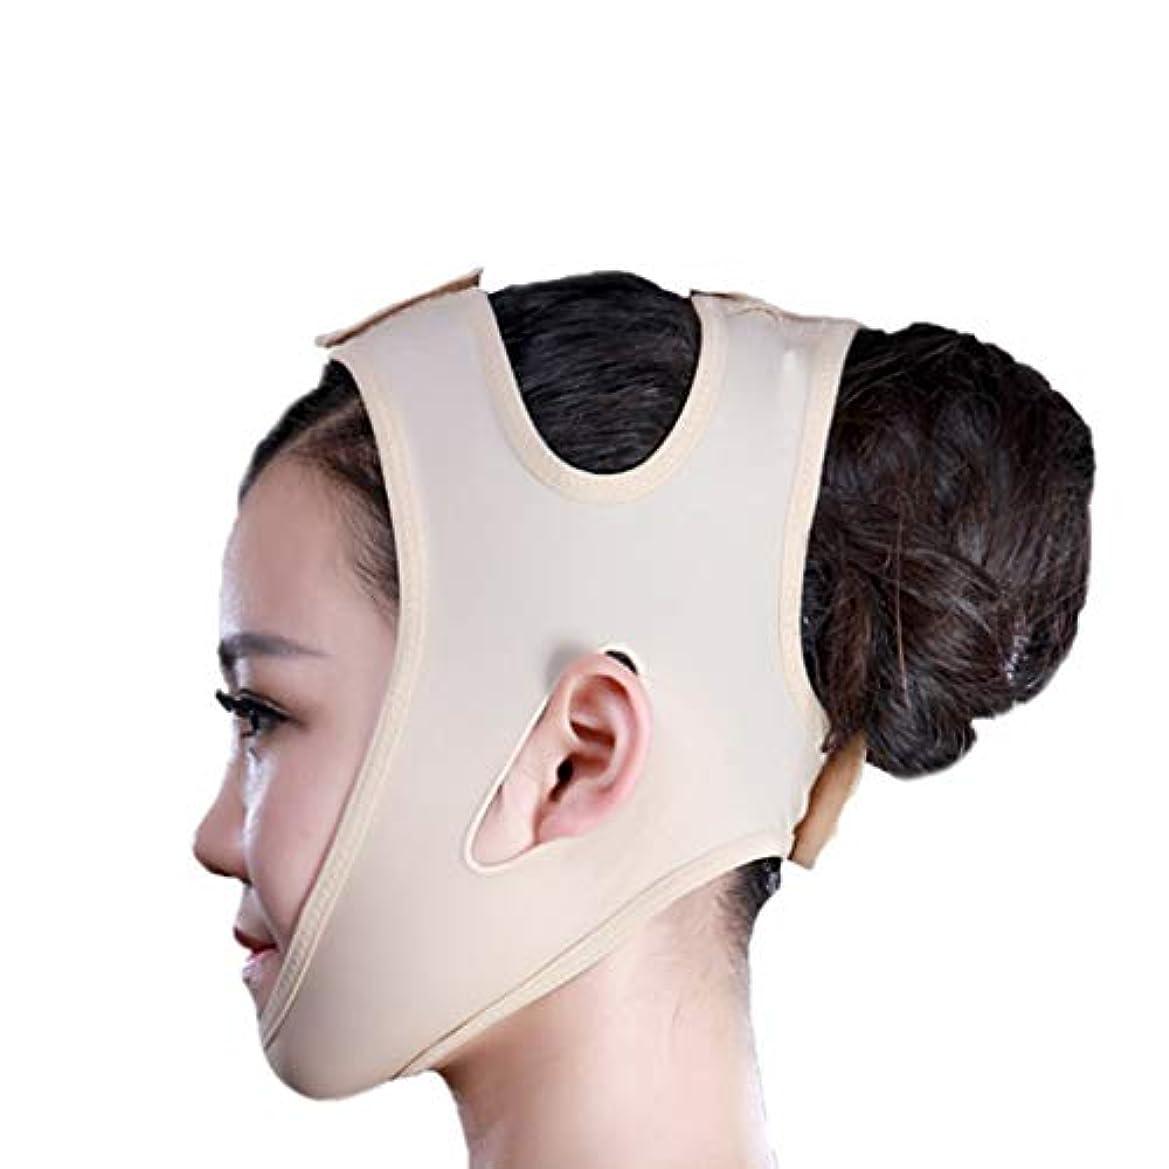 同行する記念日見て顔の痩身マスク、快適で通気性のある、顔面の持ち上がることおよび輪郭を描くことで、堅さの向上、引き締まることおよび顔を持ち上げること (Color : Yellowish pink, Size : M)